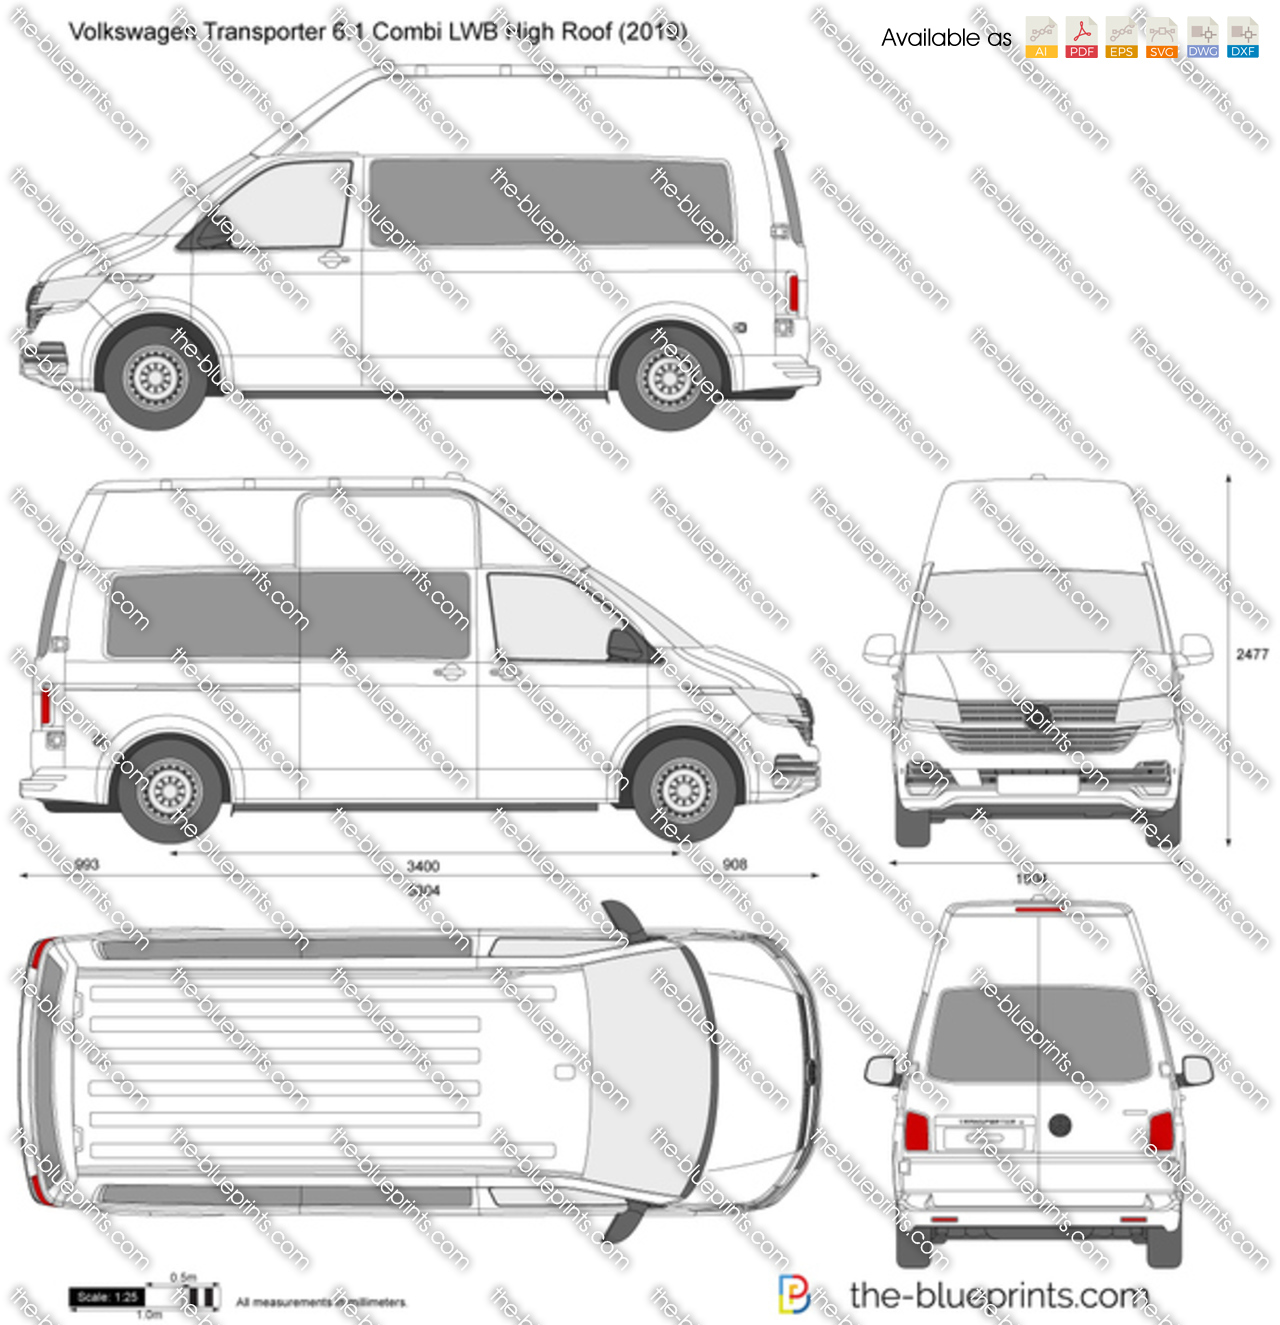 Volkswagen Transporter T6.1 Combi LWB High Roof